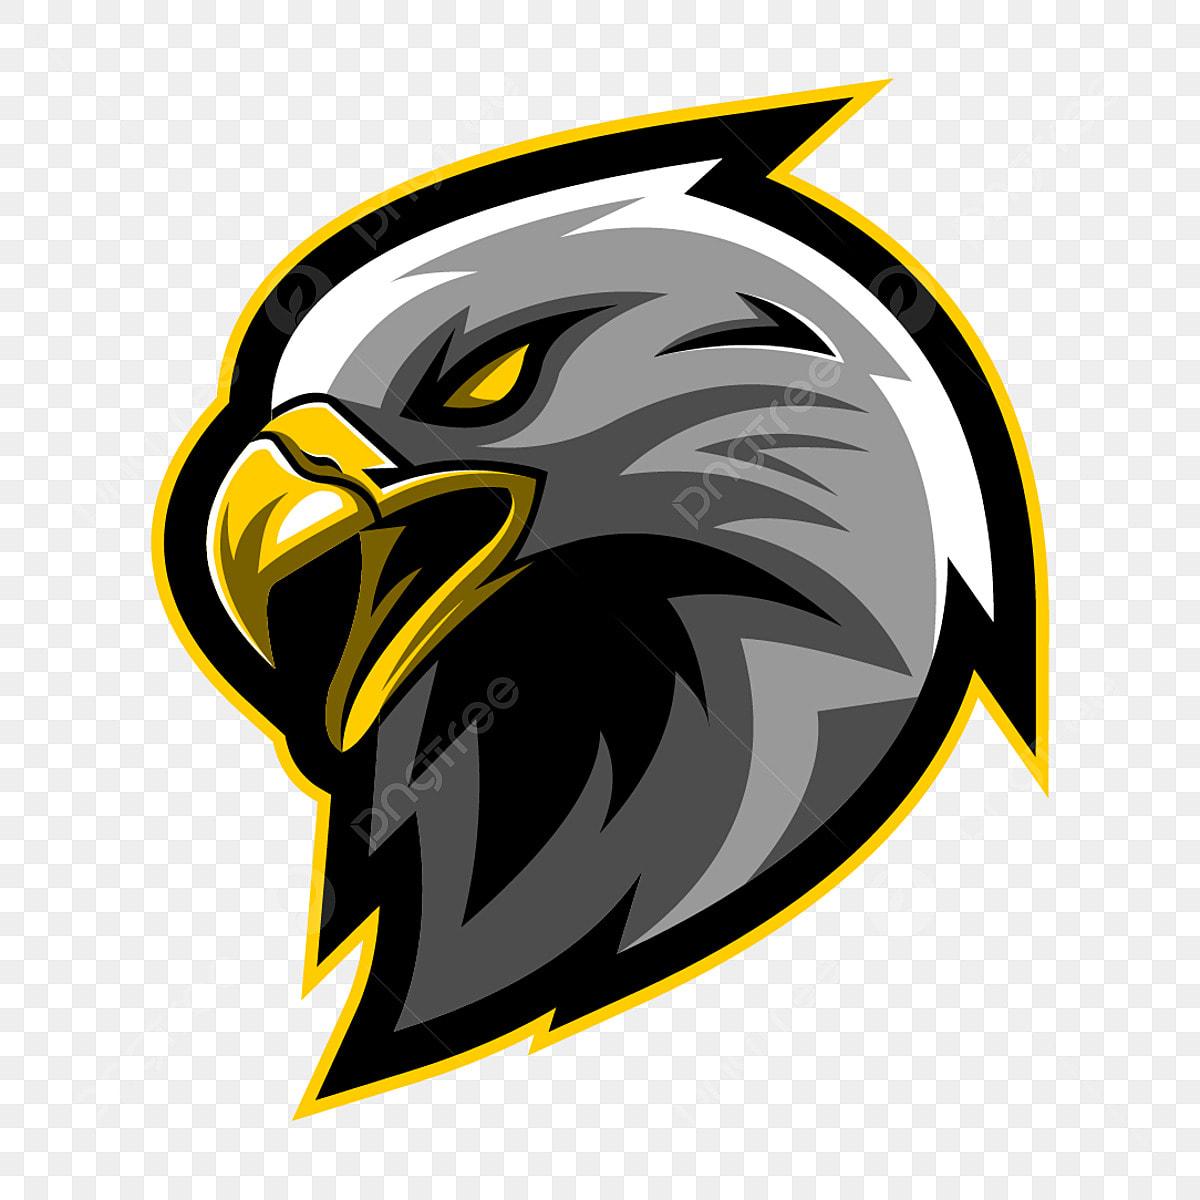 Gambar Logo Elang Png Vektor Psd Dan Clipart Dengan Latar Belakang Transparan Untuk Download Gratis Pngtree